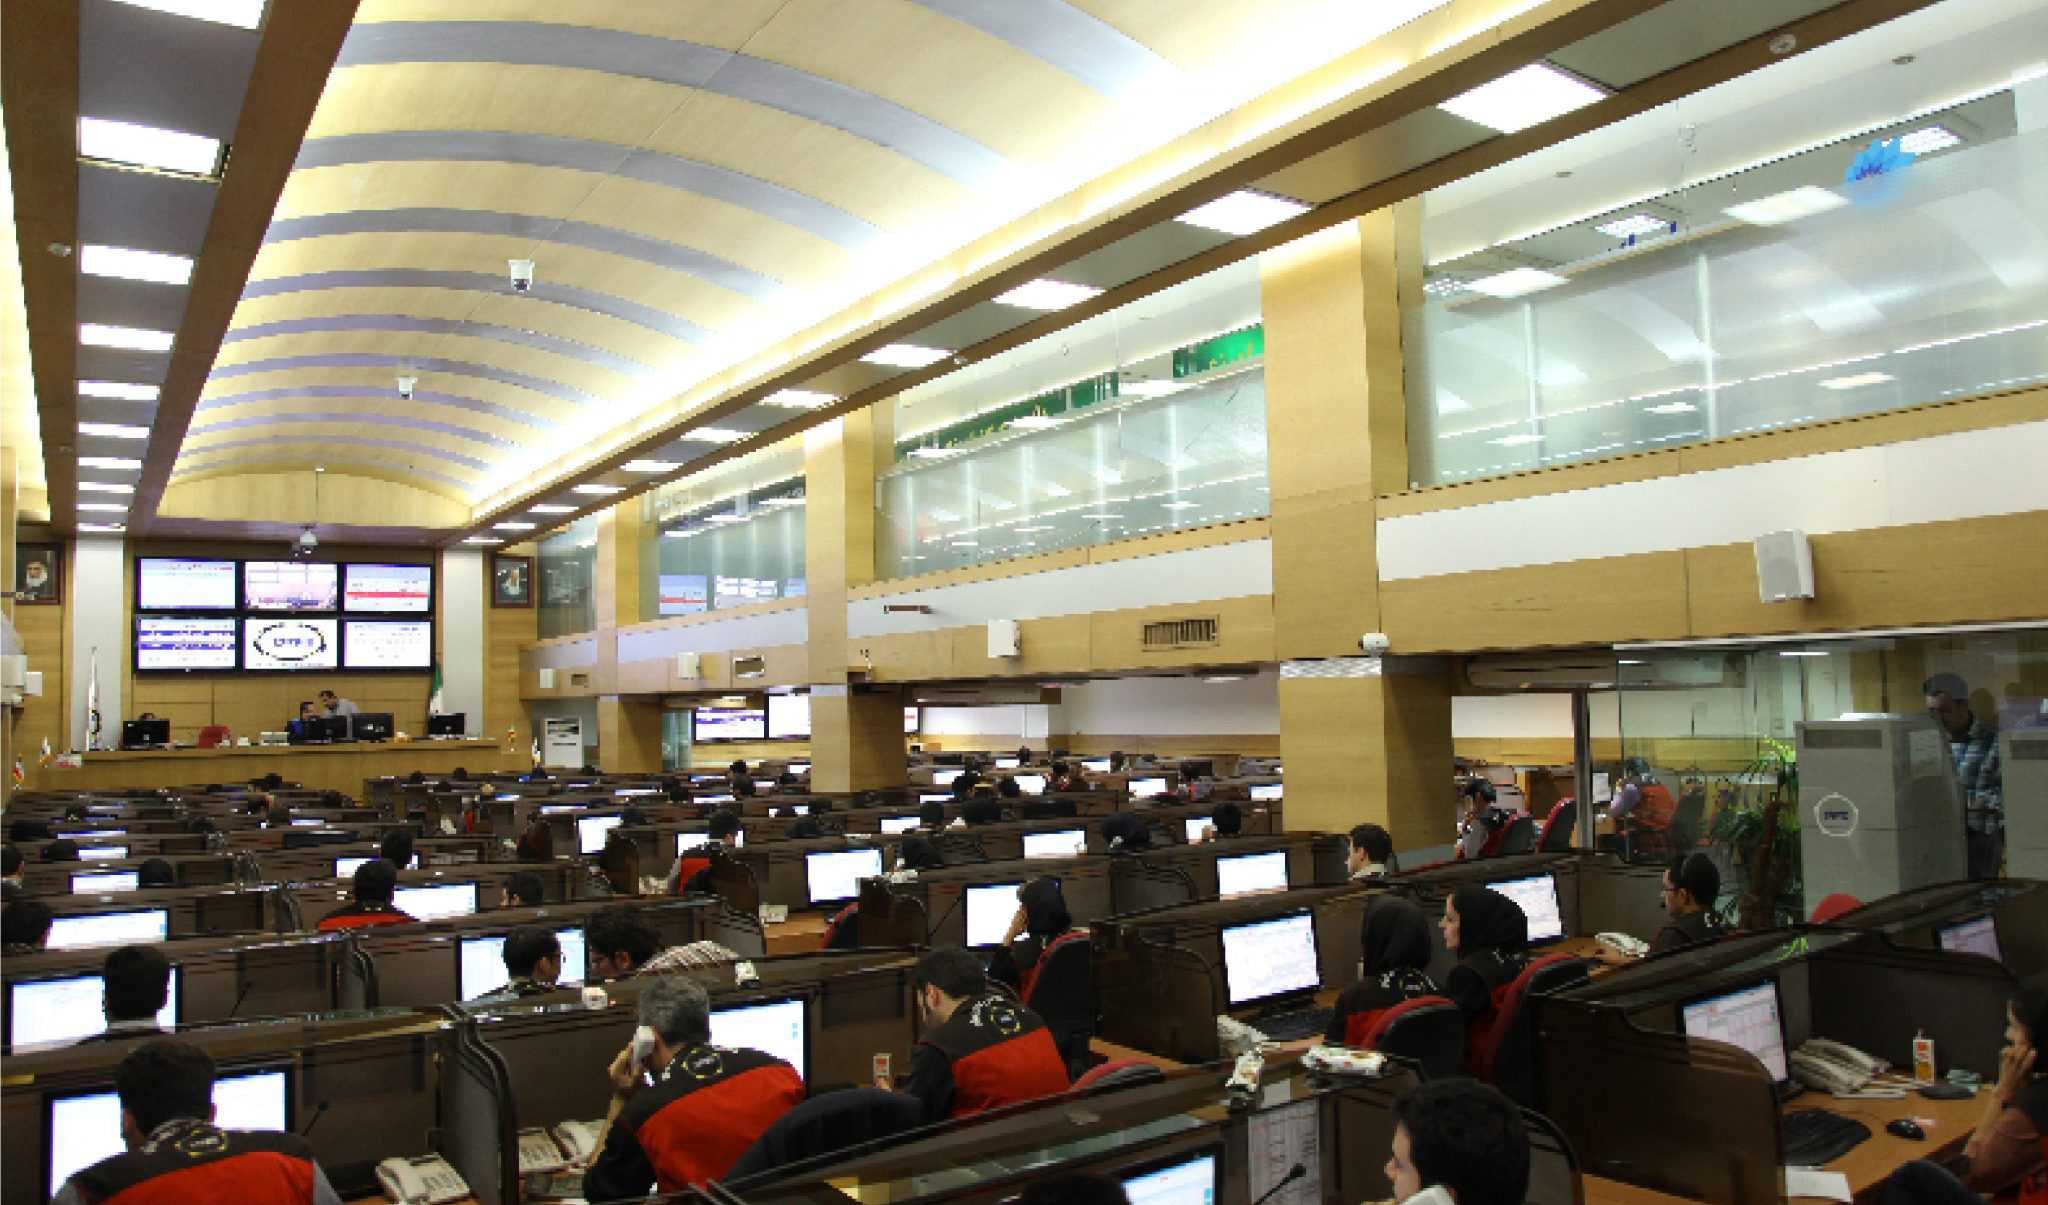 پیشنهادات کارگزارن بورس برای اصلاح معاملات و کاهش محدودیتها